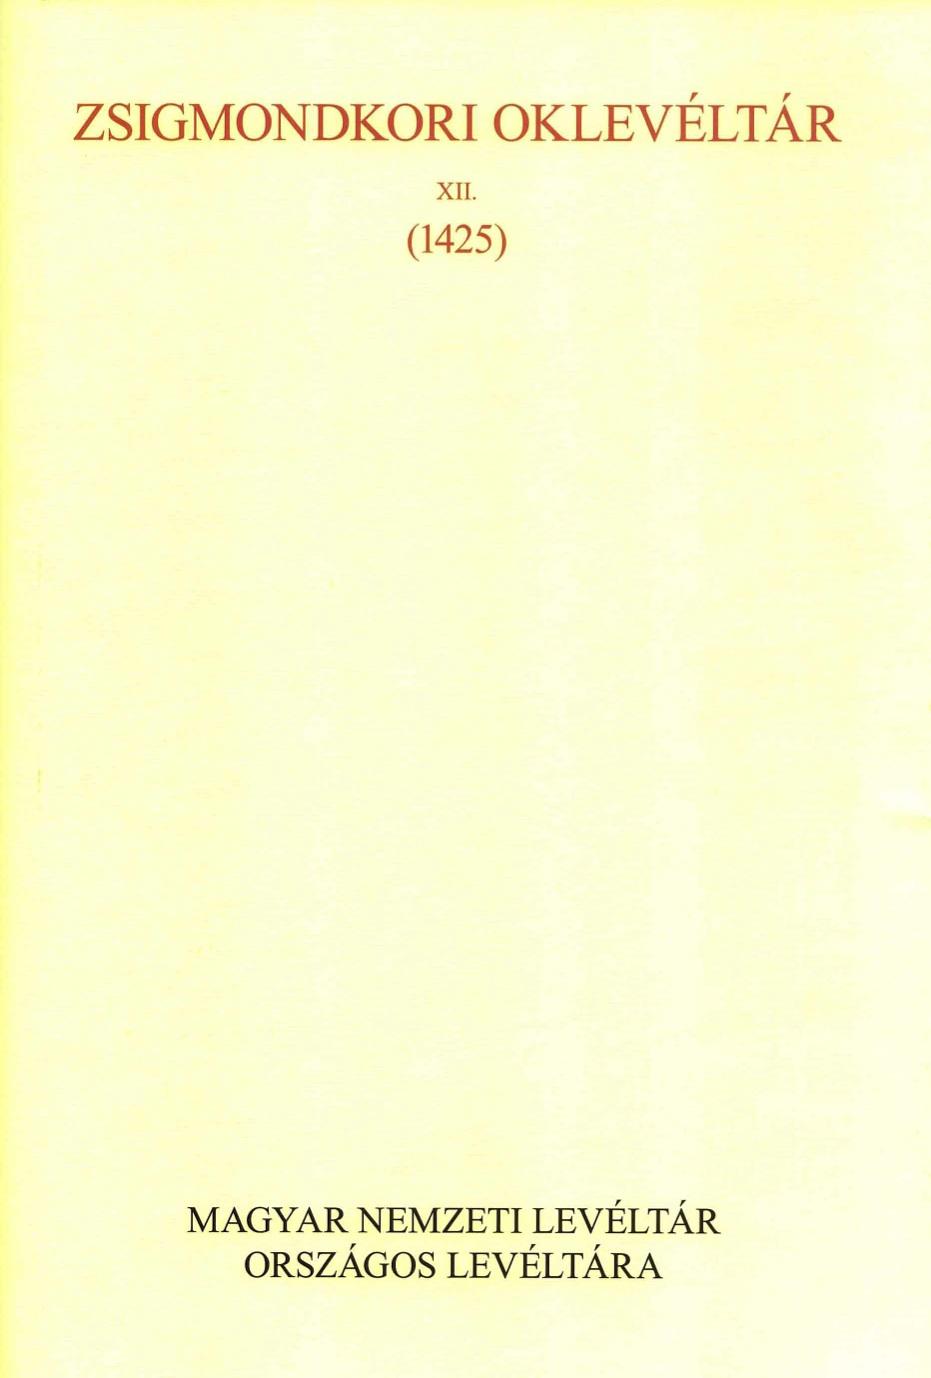 Zsigmondkori Oklevéltár XII.